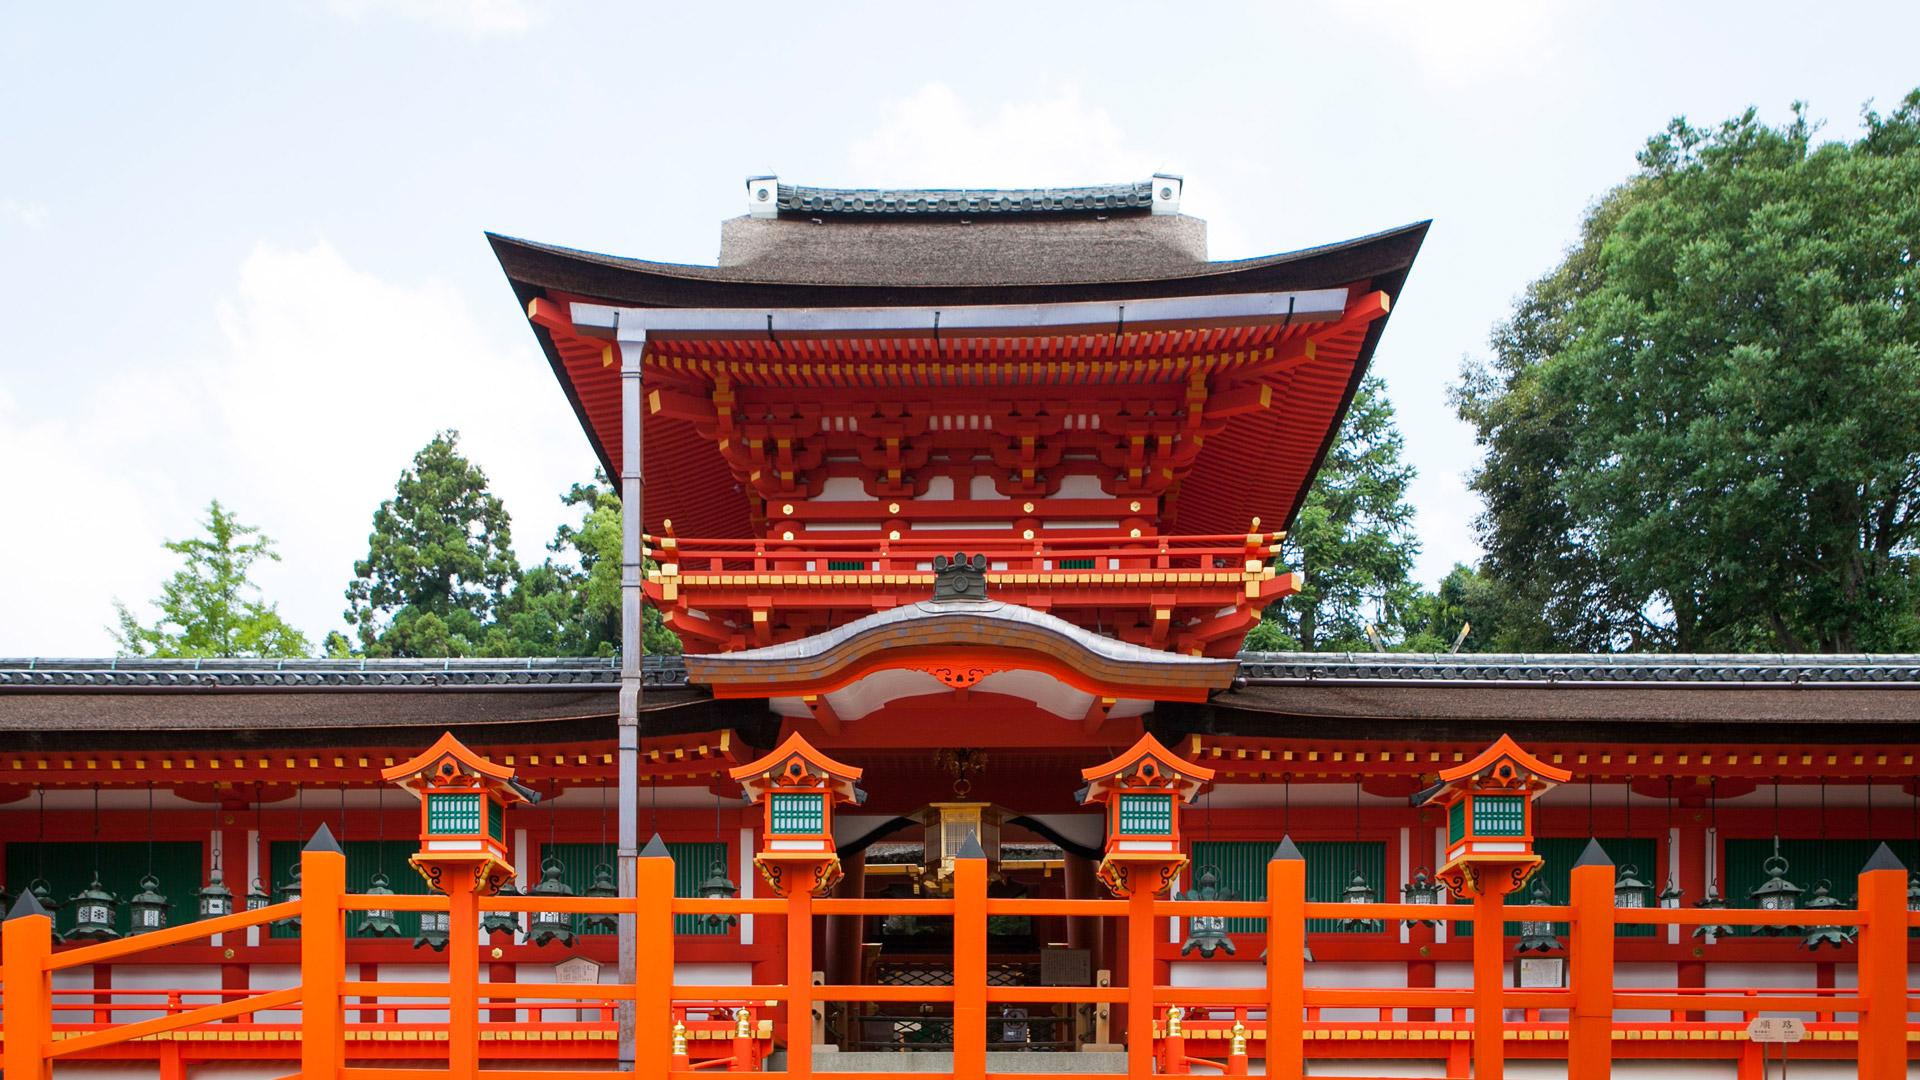 奈良公園クイックガイド » みどころ